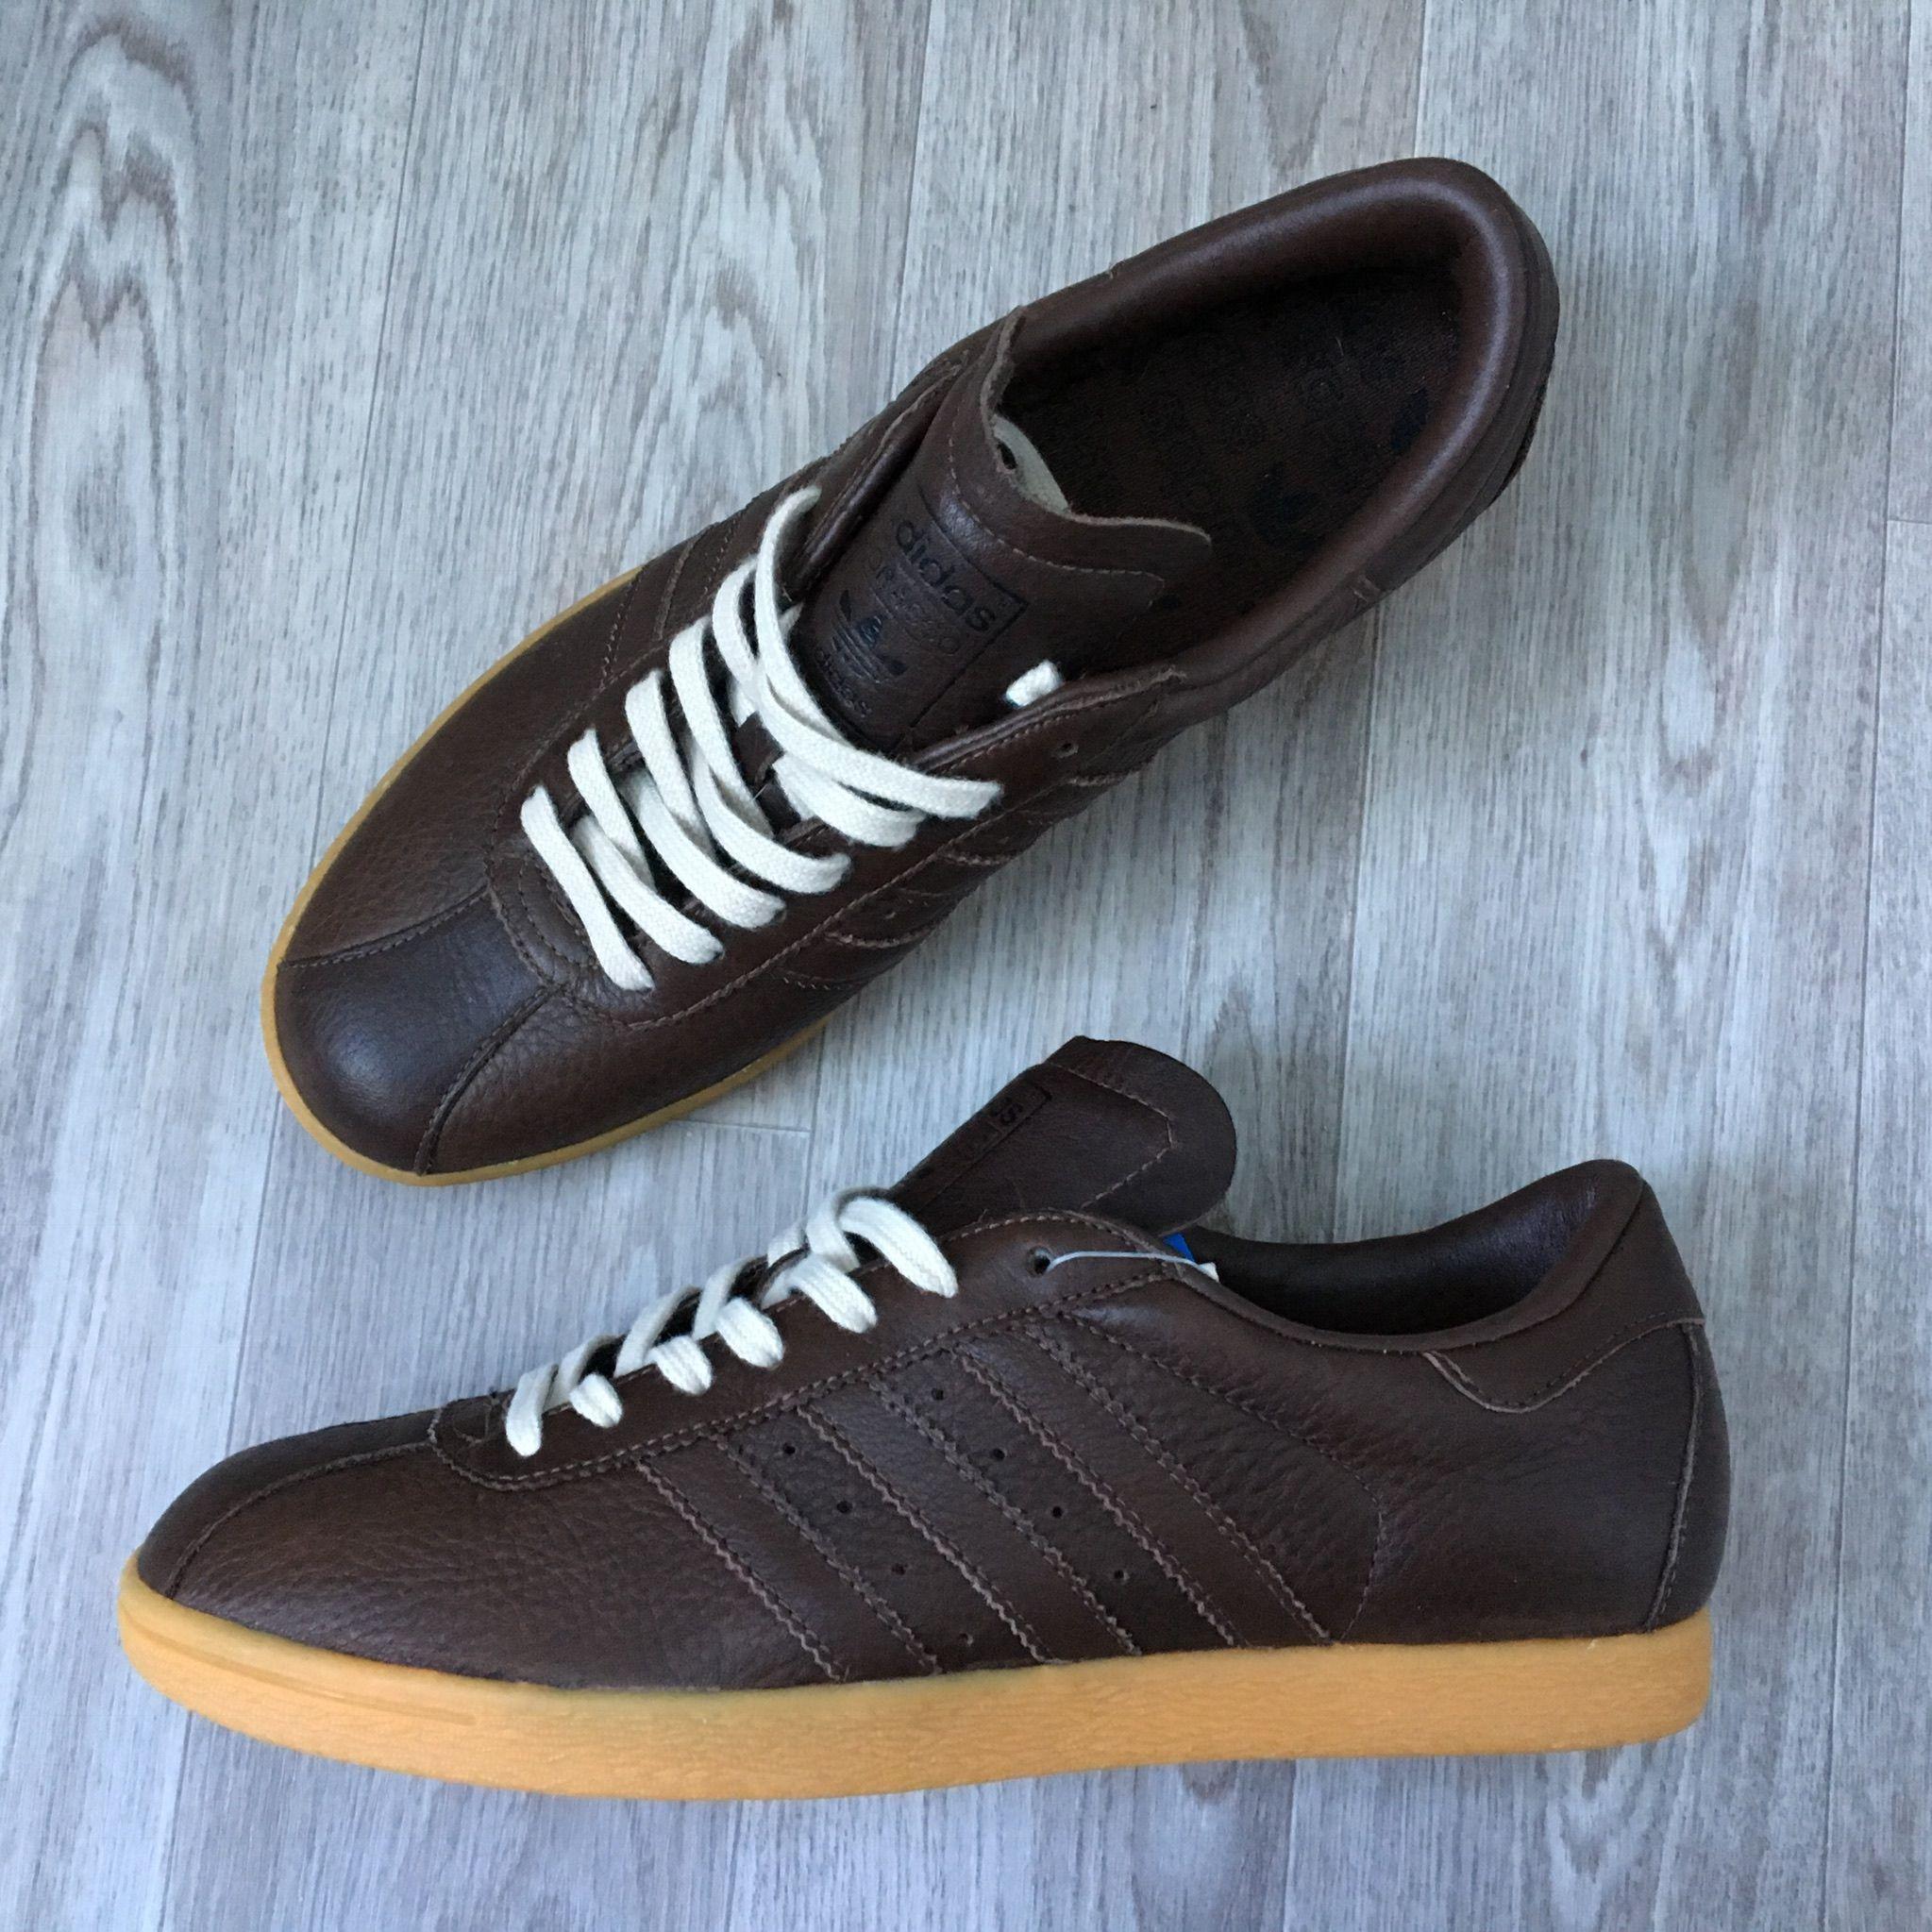 Adidas tabacco articolo: 06 / in indonesia